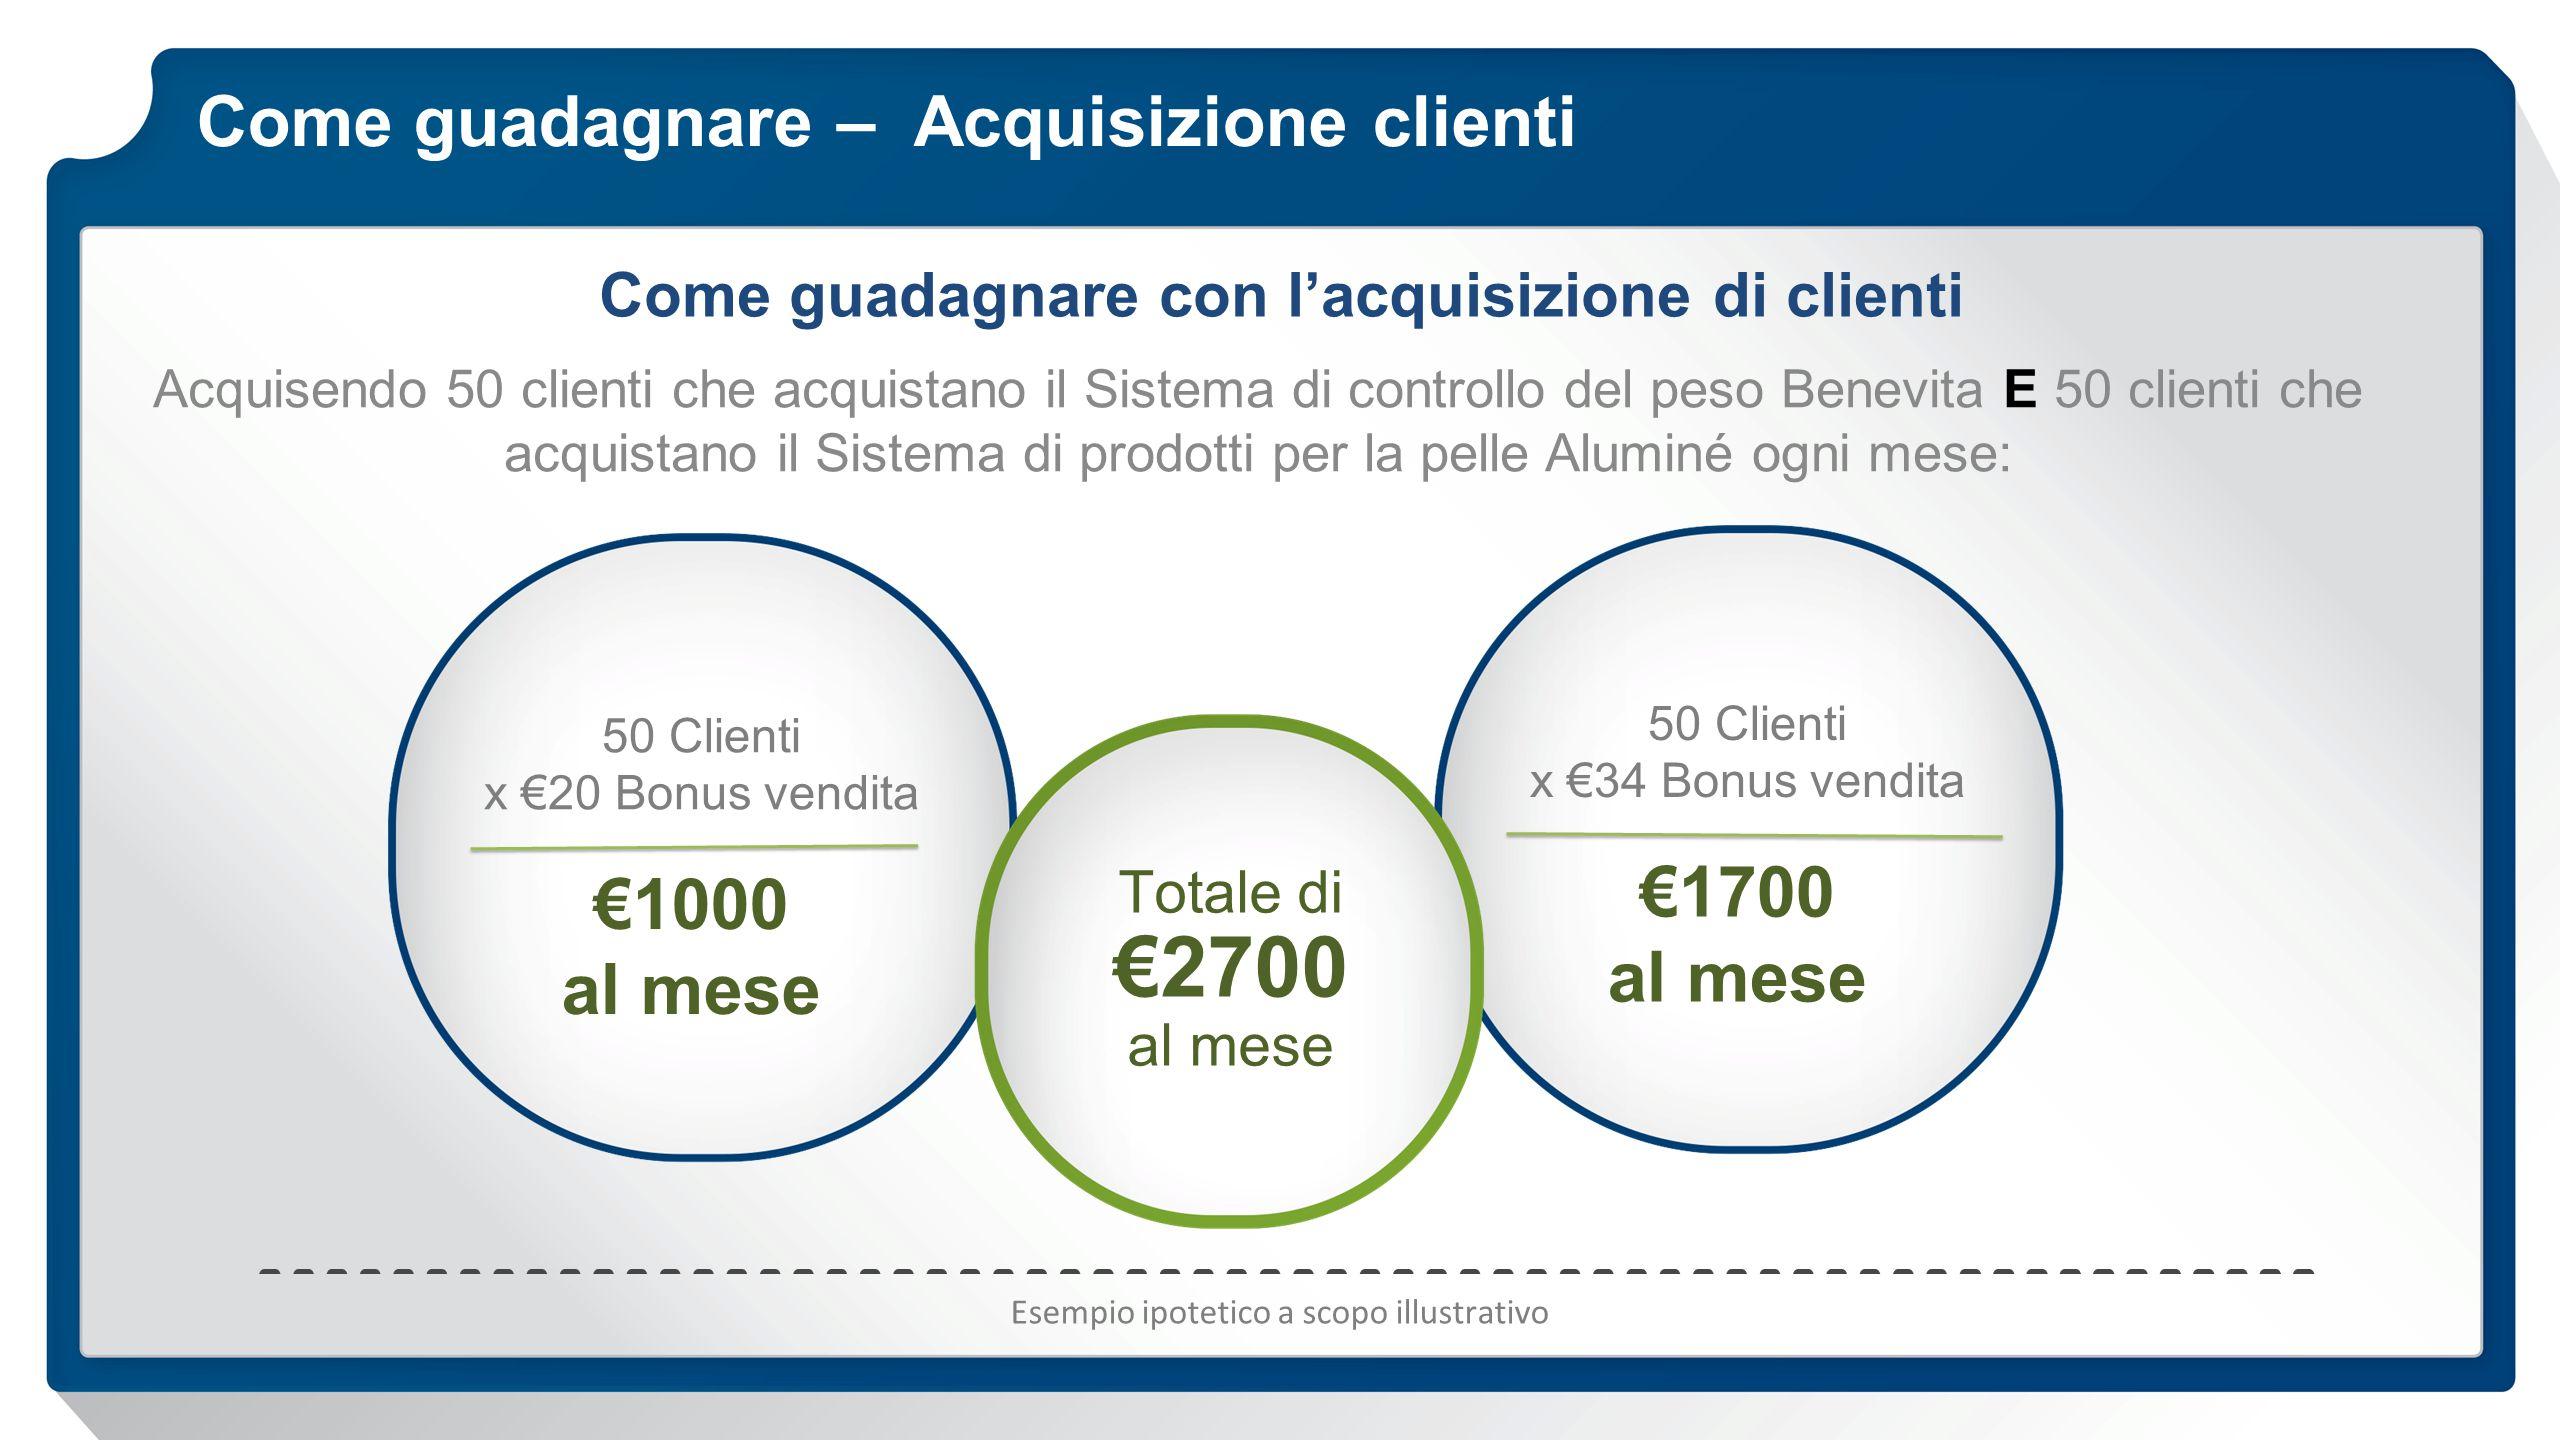 Come guadagnare – Acquisizione clienti Come guadagnare con l'acquisizione di clienti Acquisendo 50 clienti che acquistano il Sistema di controllo del